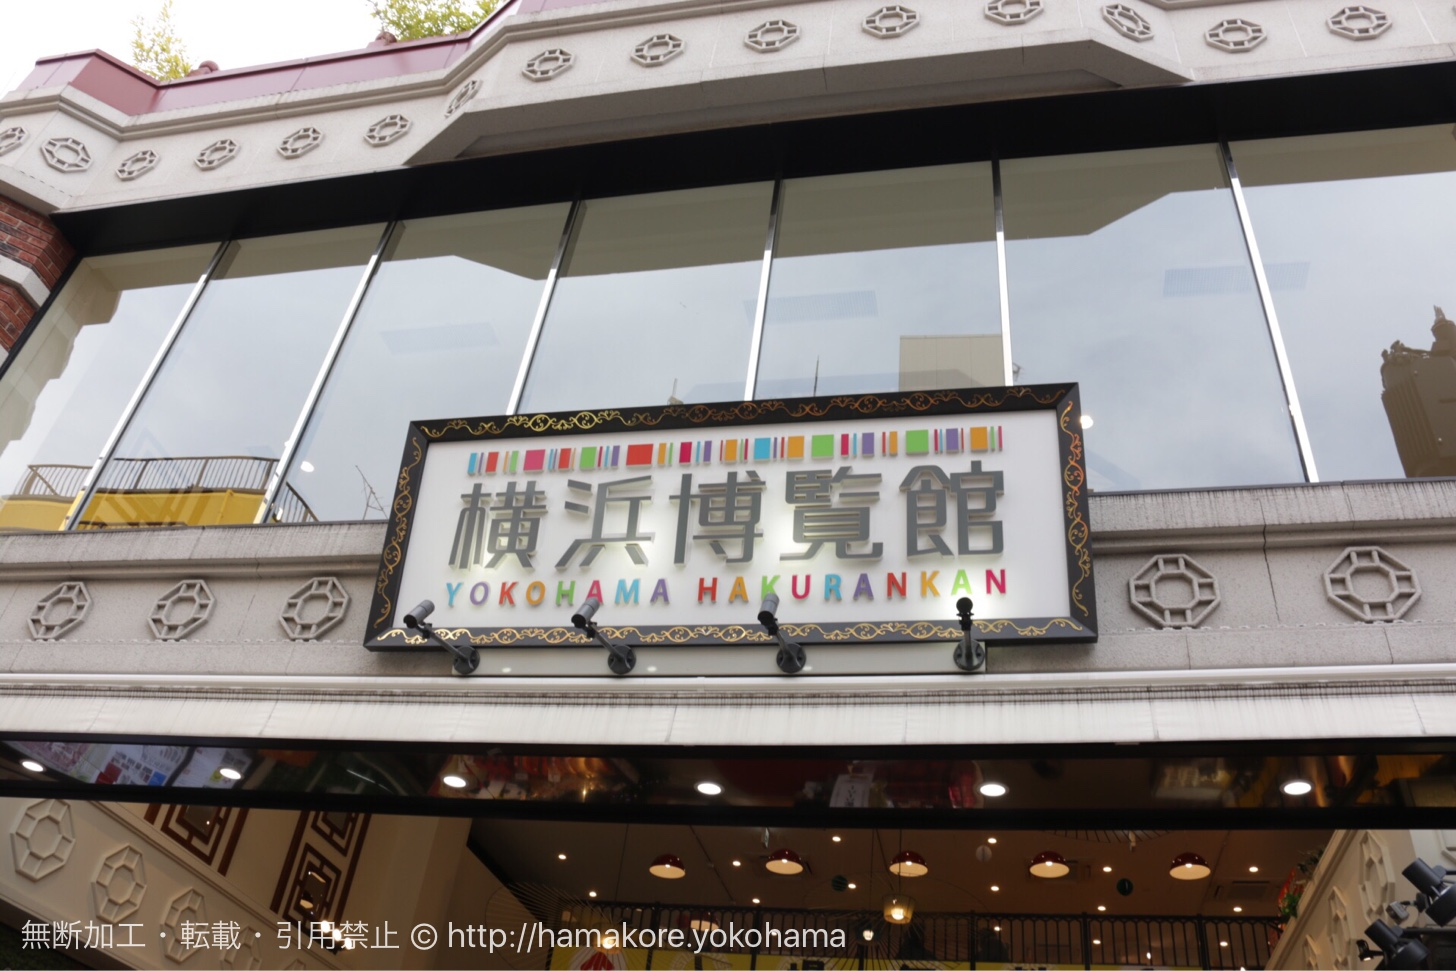 横浜博覧館